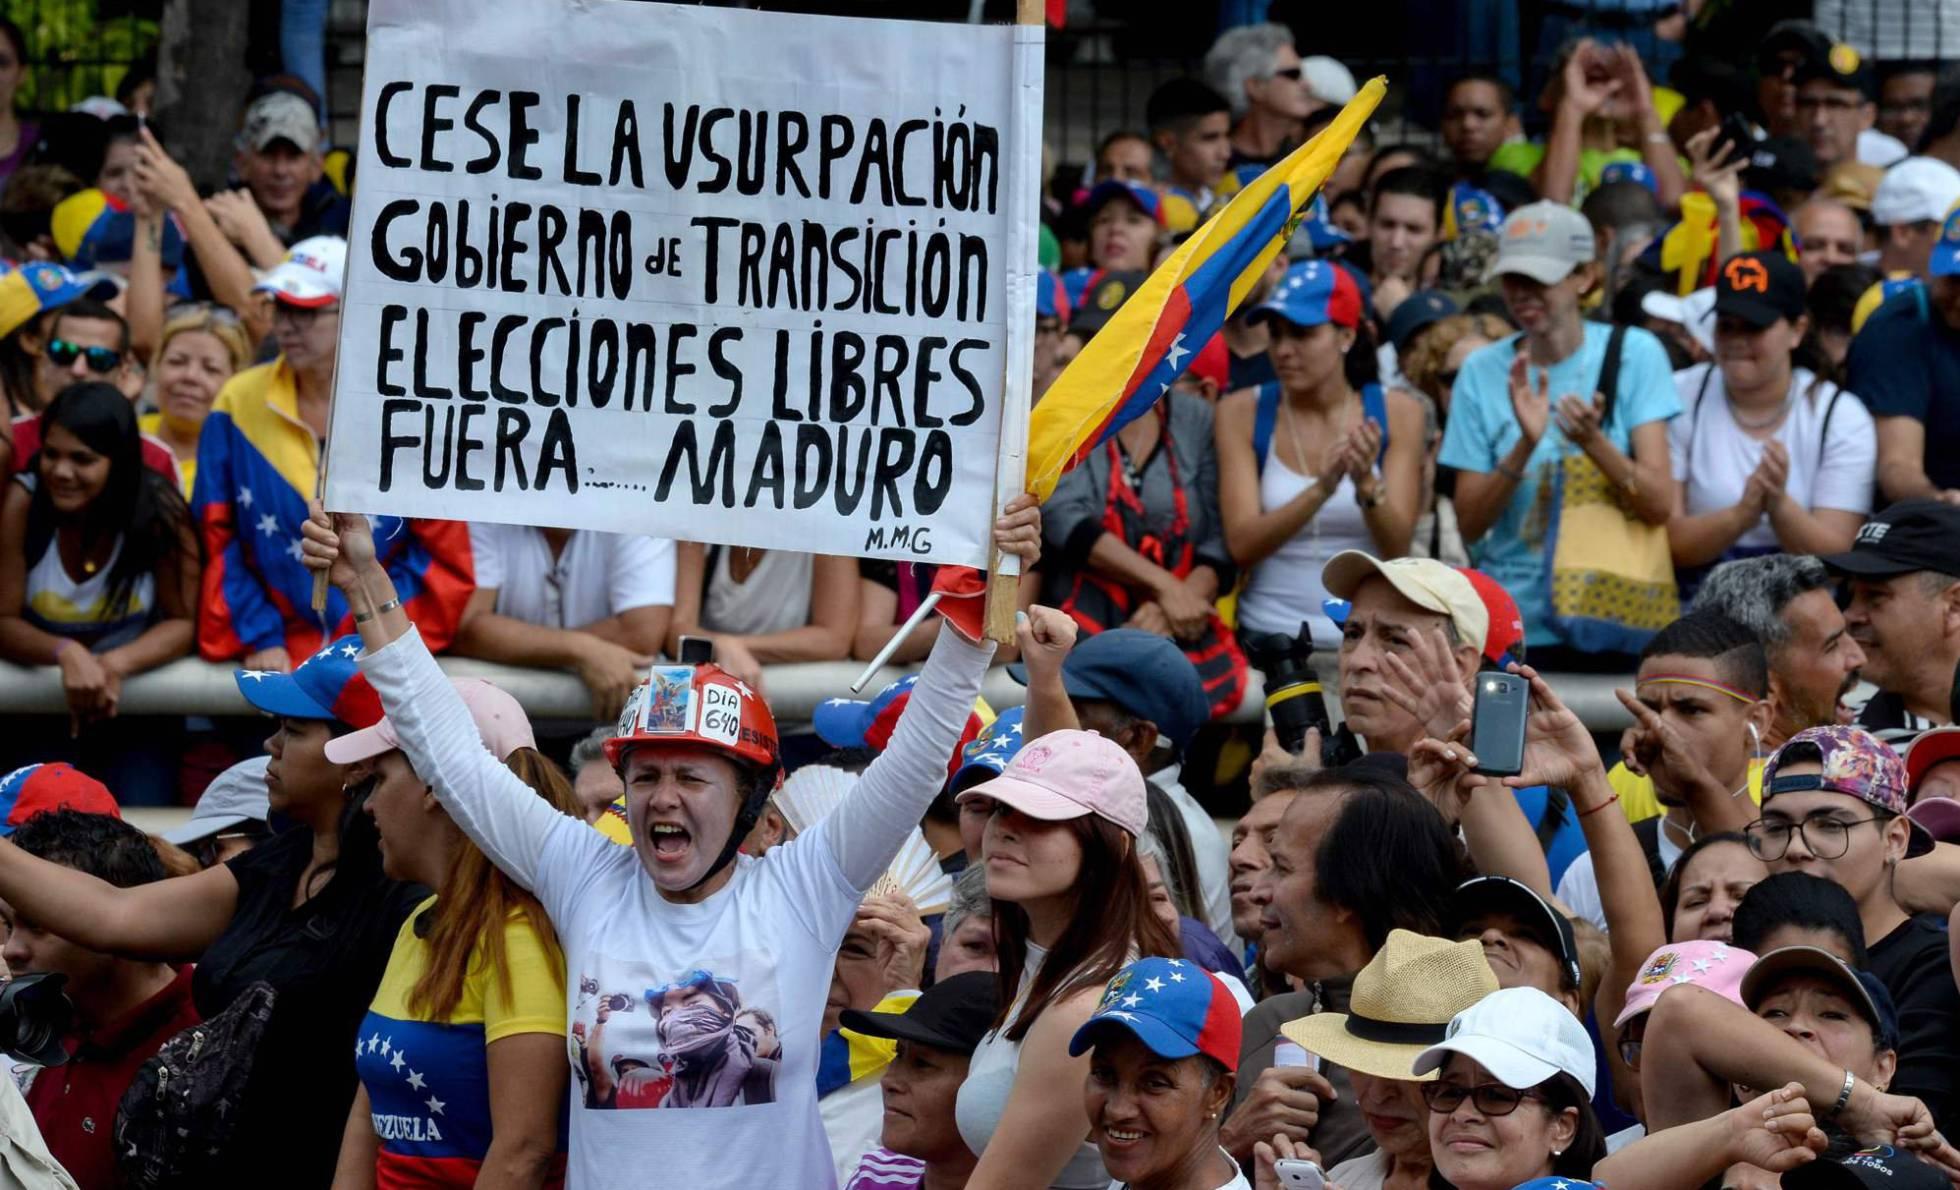 La oposición venezolana se fortalece en la calle y logra elevar la presión internacional